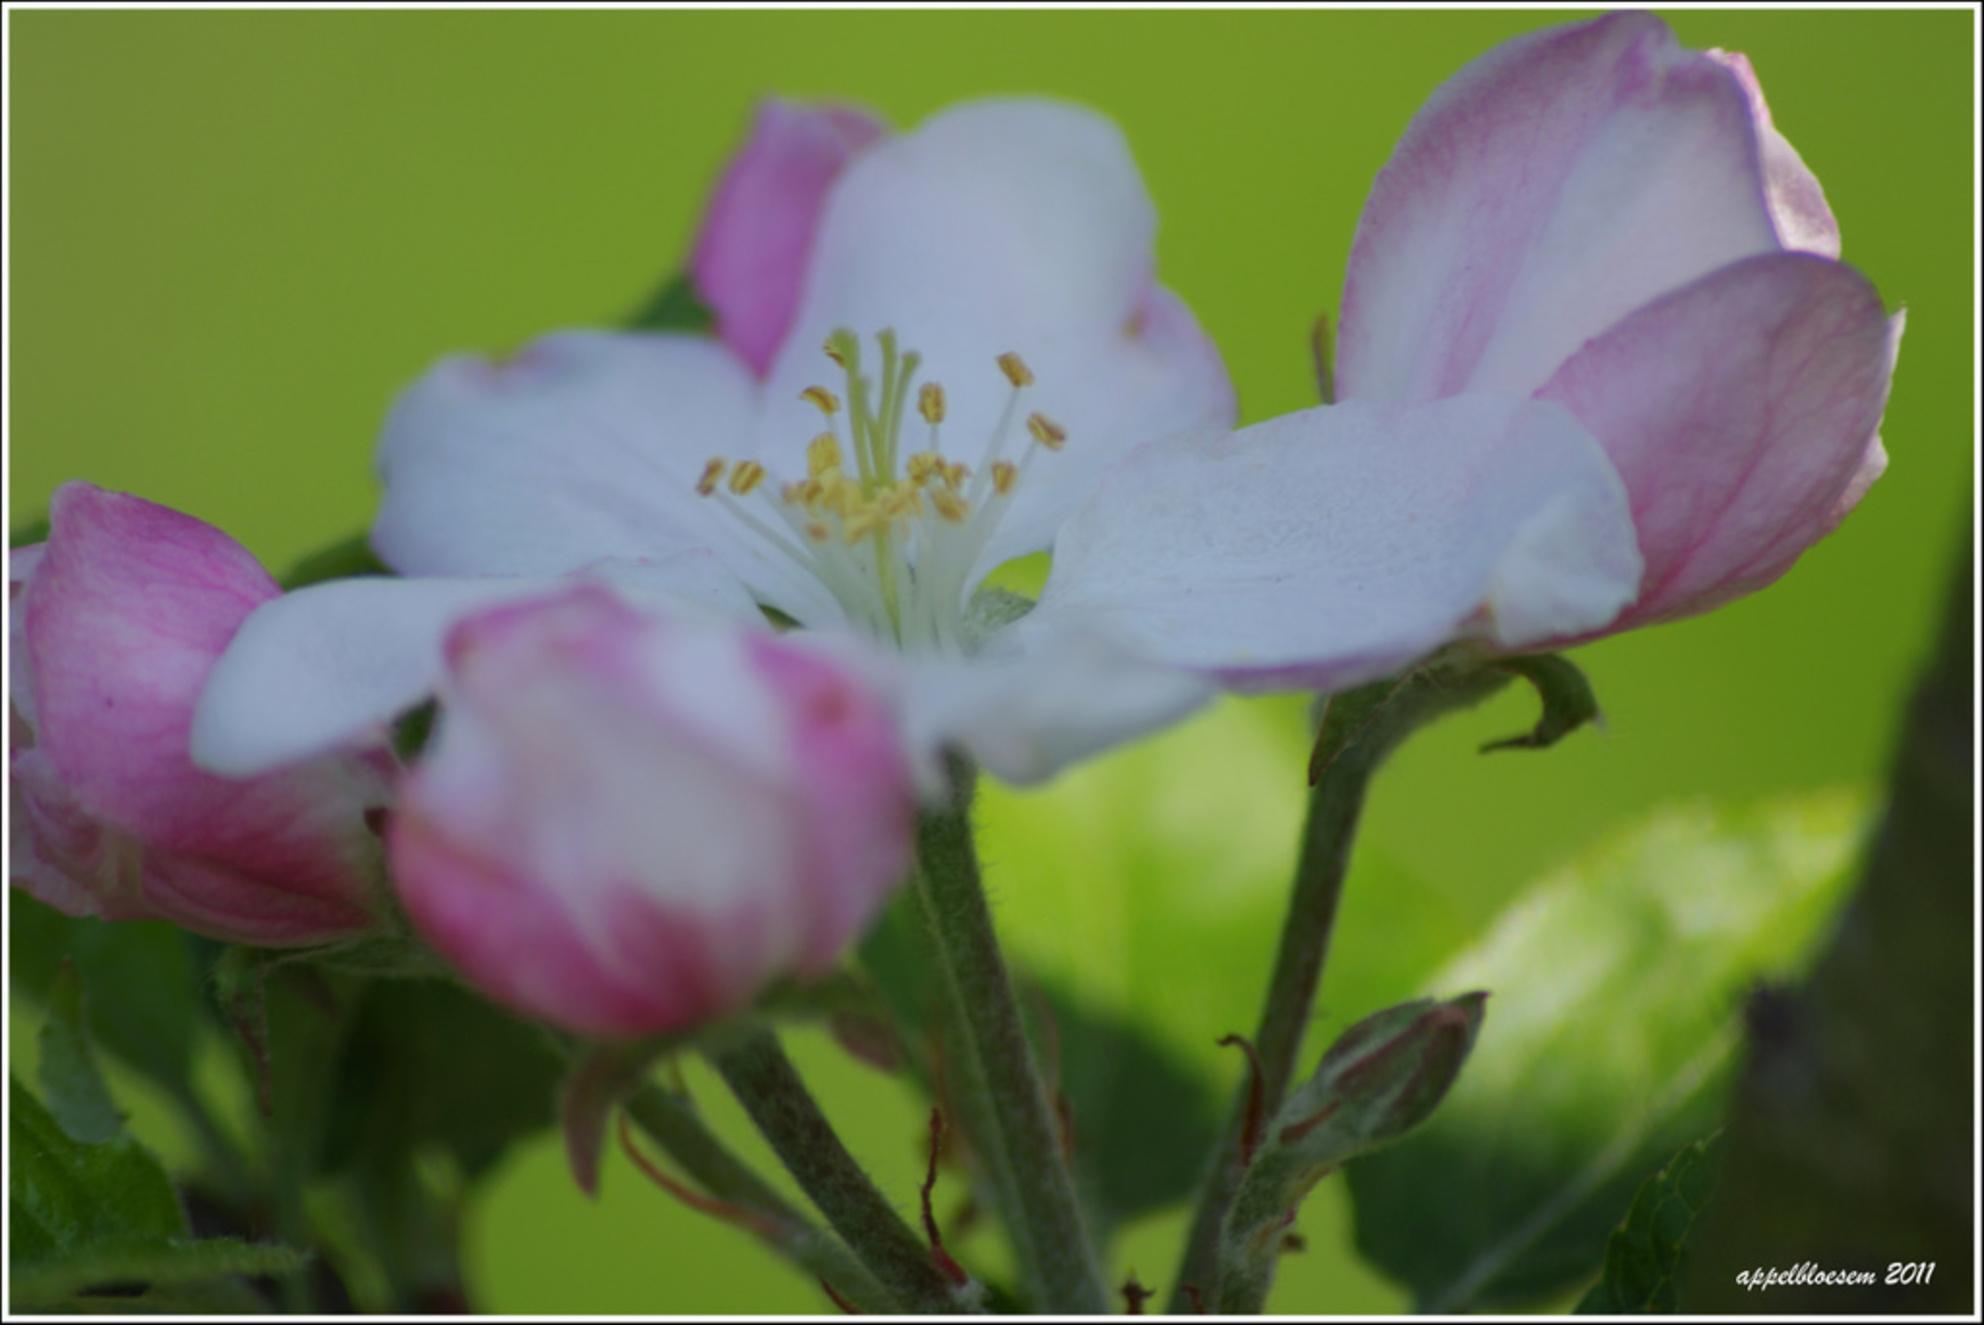 Fijne Paasdagen - Fijn Paasdagen iedereen. We kunnen in ieder geval van het heerlijke weer genieten.  Deze bloesem is van de appelboom. - foto door sjoukelien123 op 23-04-2011 - deze foto bevat: voorjaar, appelbloesem - Deze foto mag gebruikt worden in een Zoom.nl publicatie